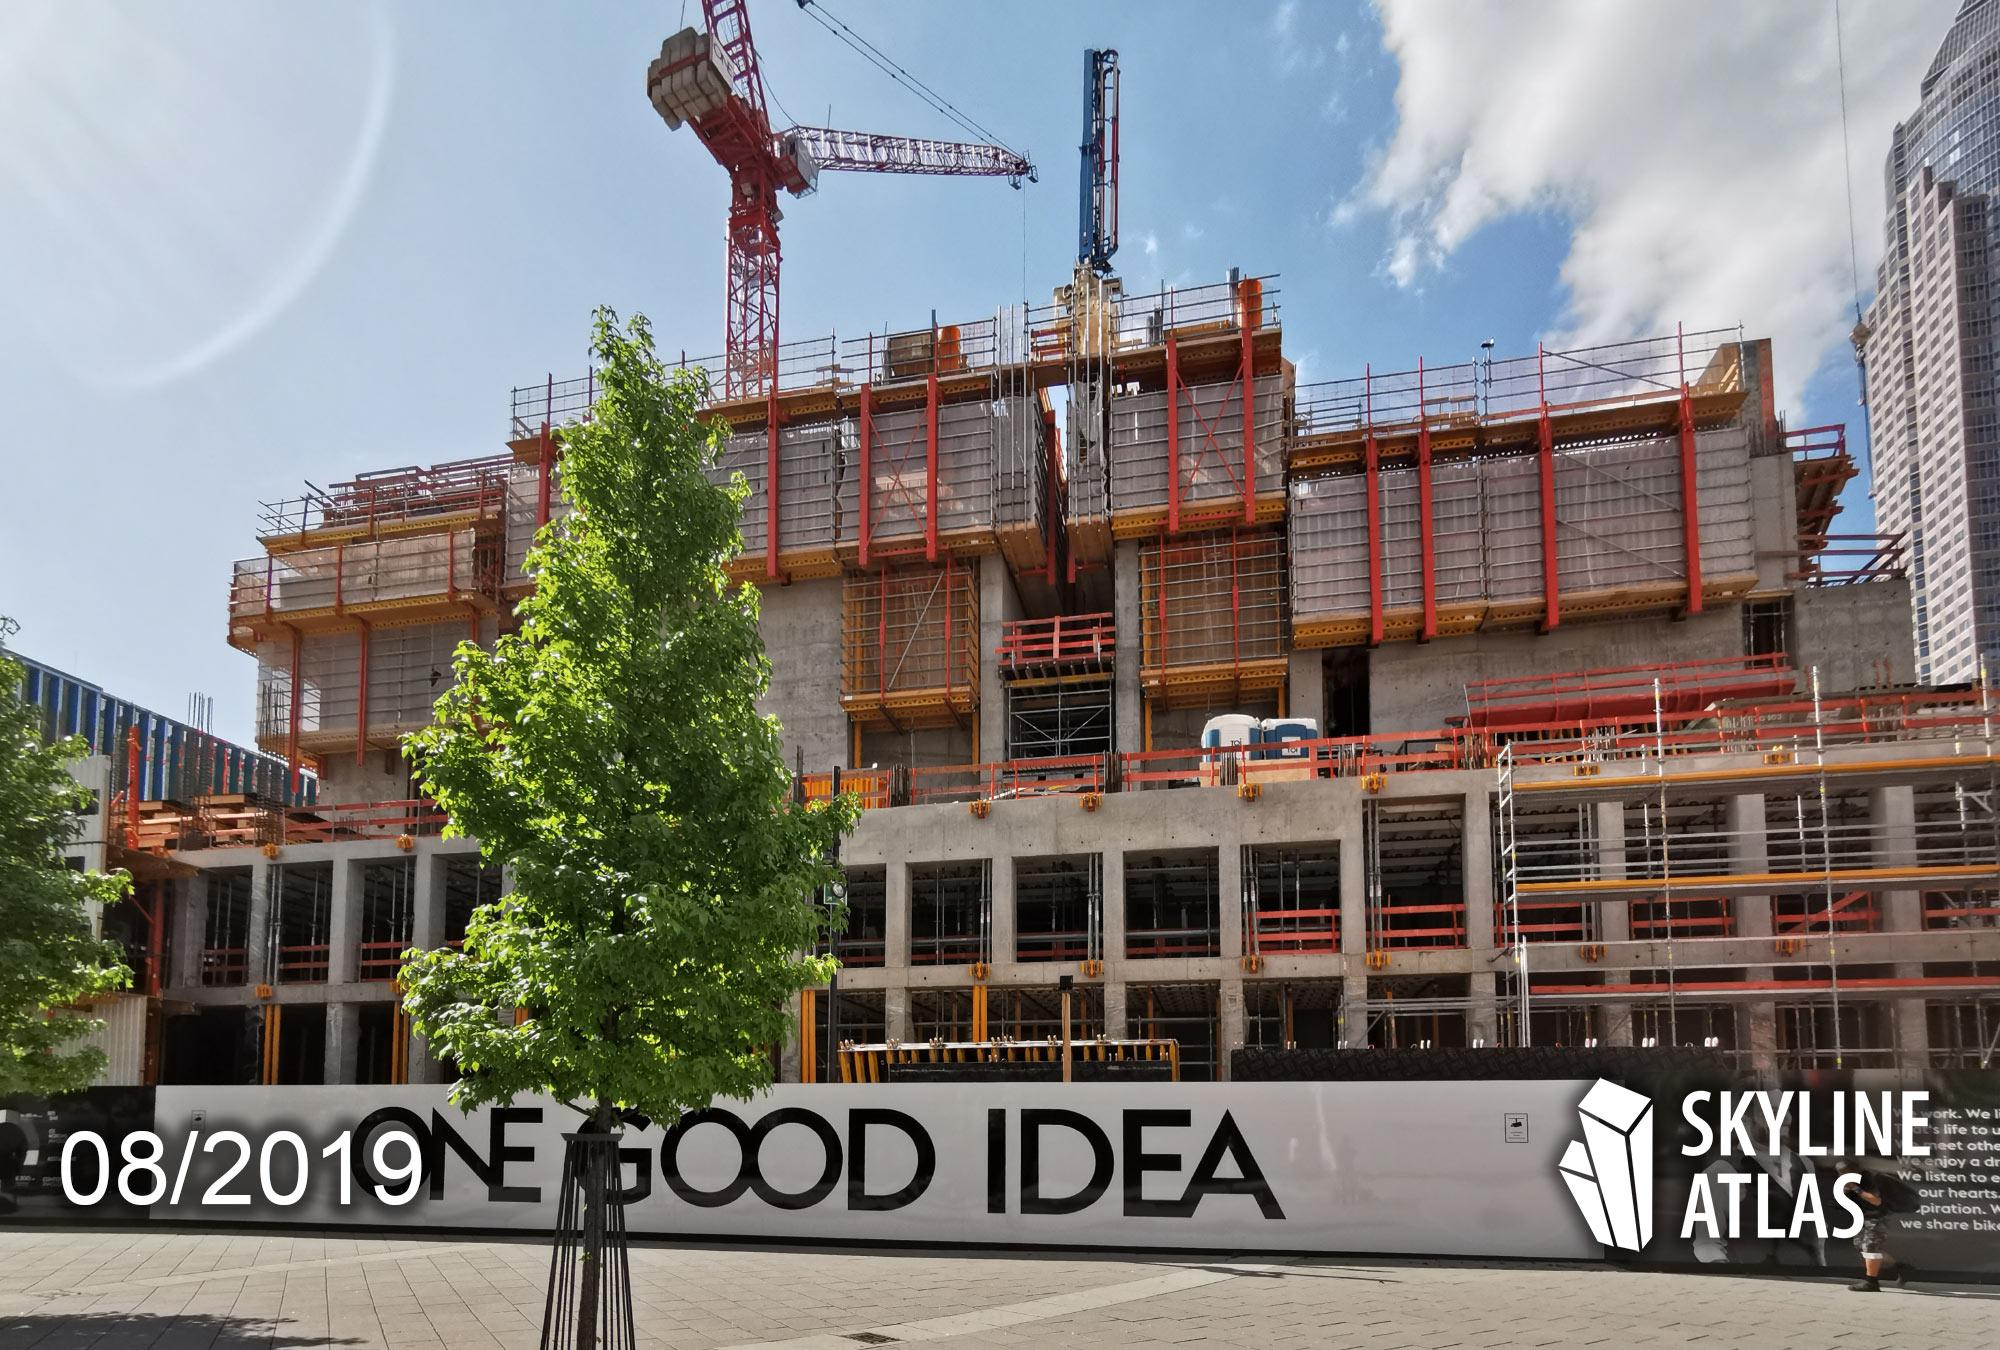 ONE GOOD IDEA - ONE Hochhaus in Frankfurt - Wolkenkratzer im Europaviertel Frankfurt am Skyline Plaza - August 2019